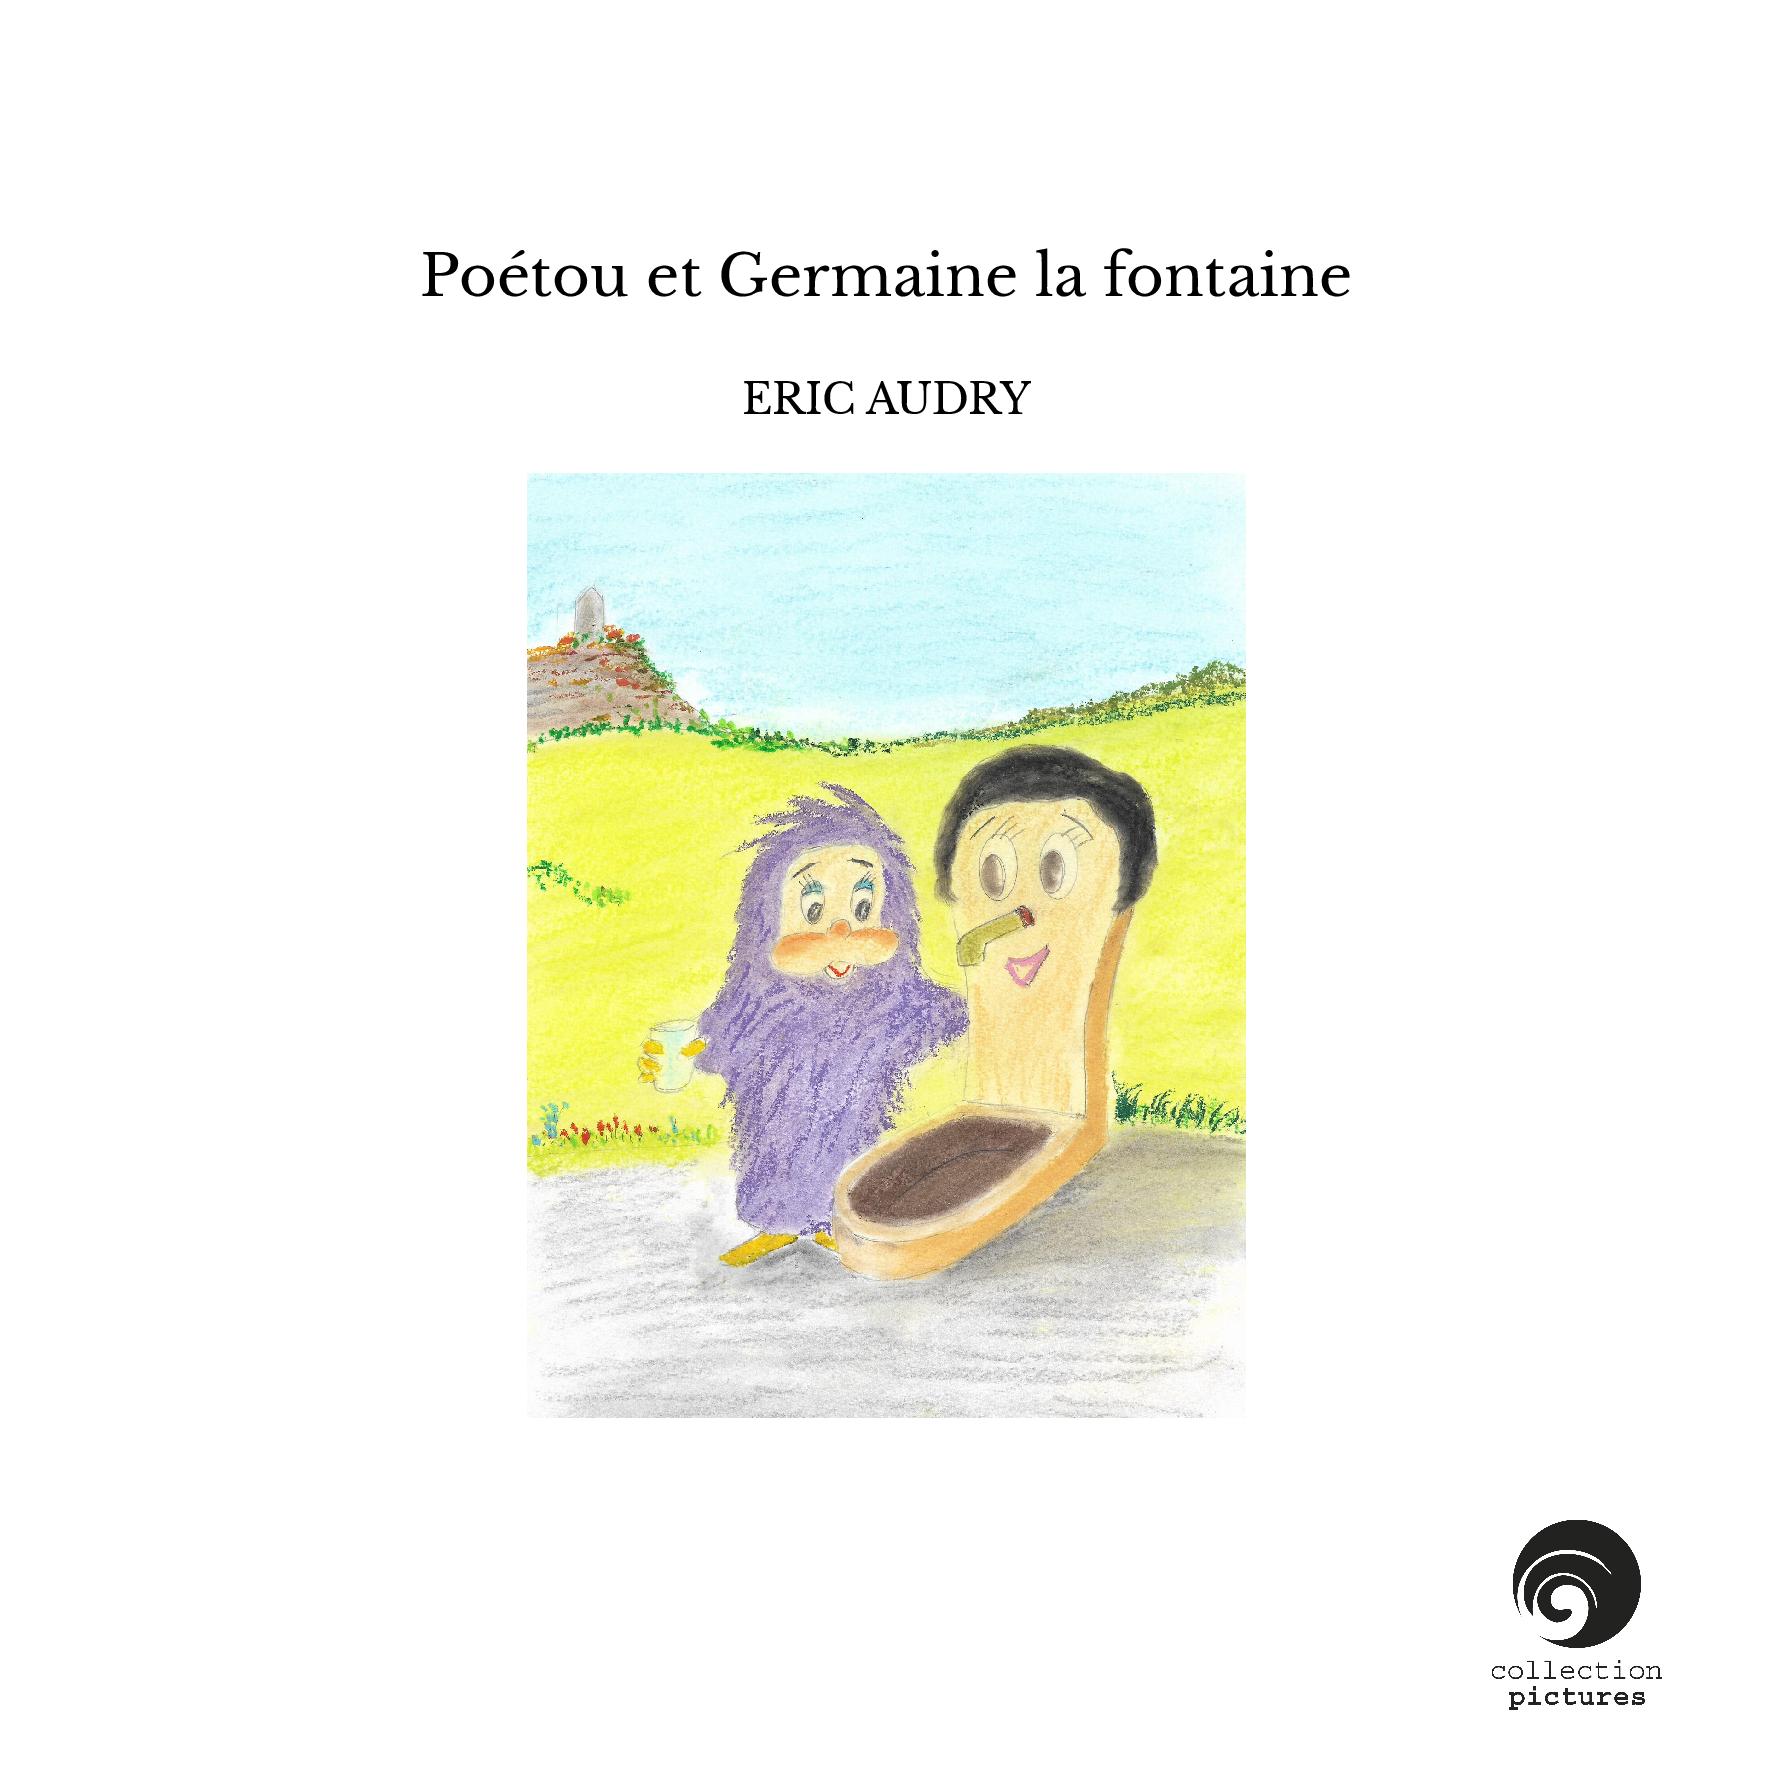 Poétou et Germaine la fontaine